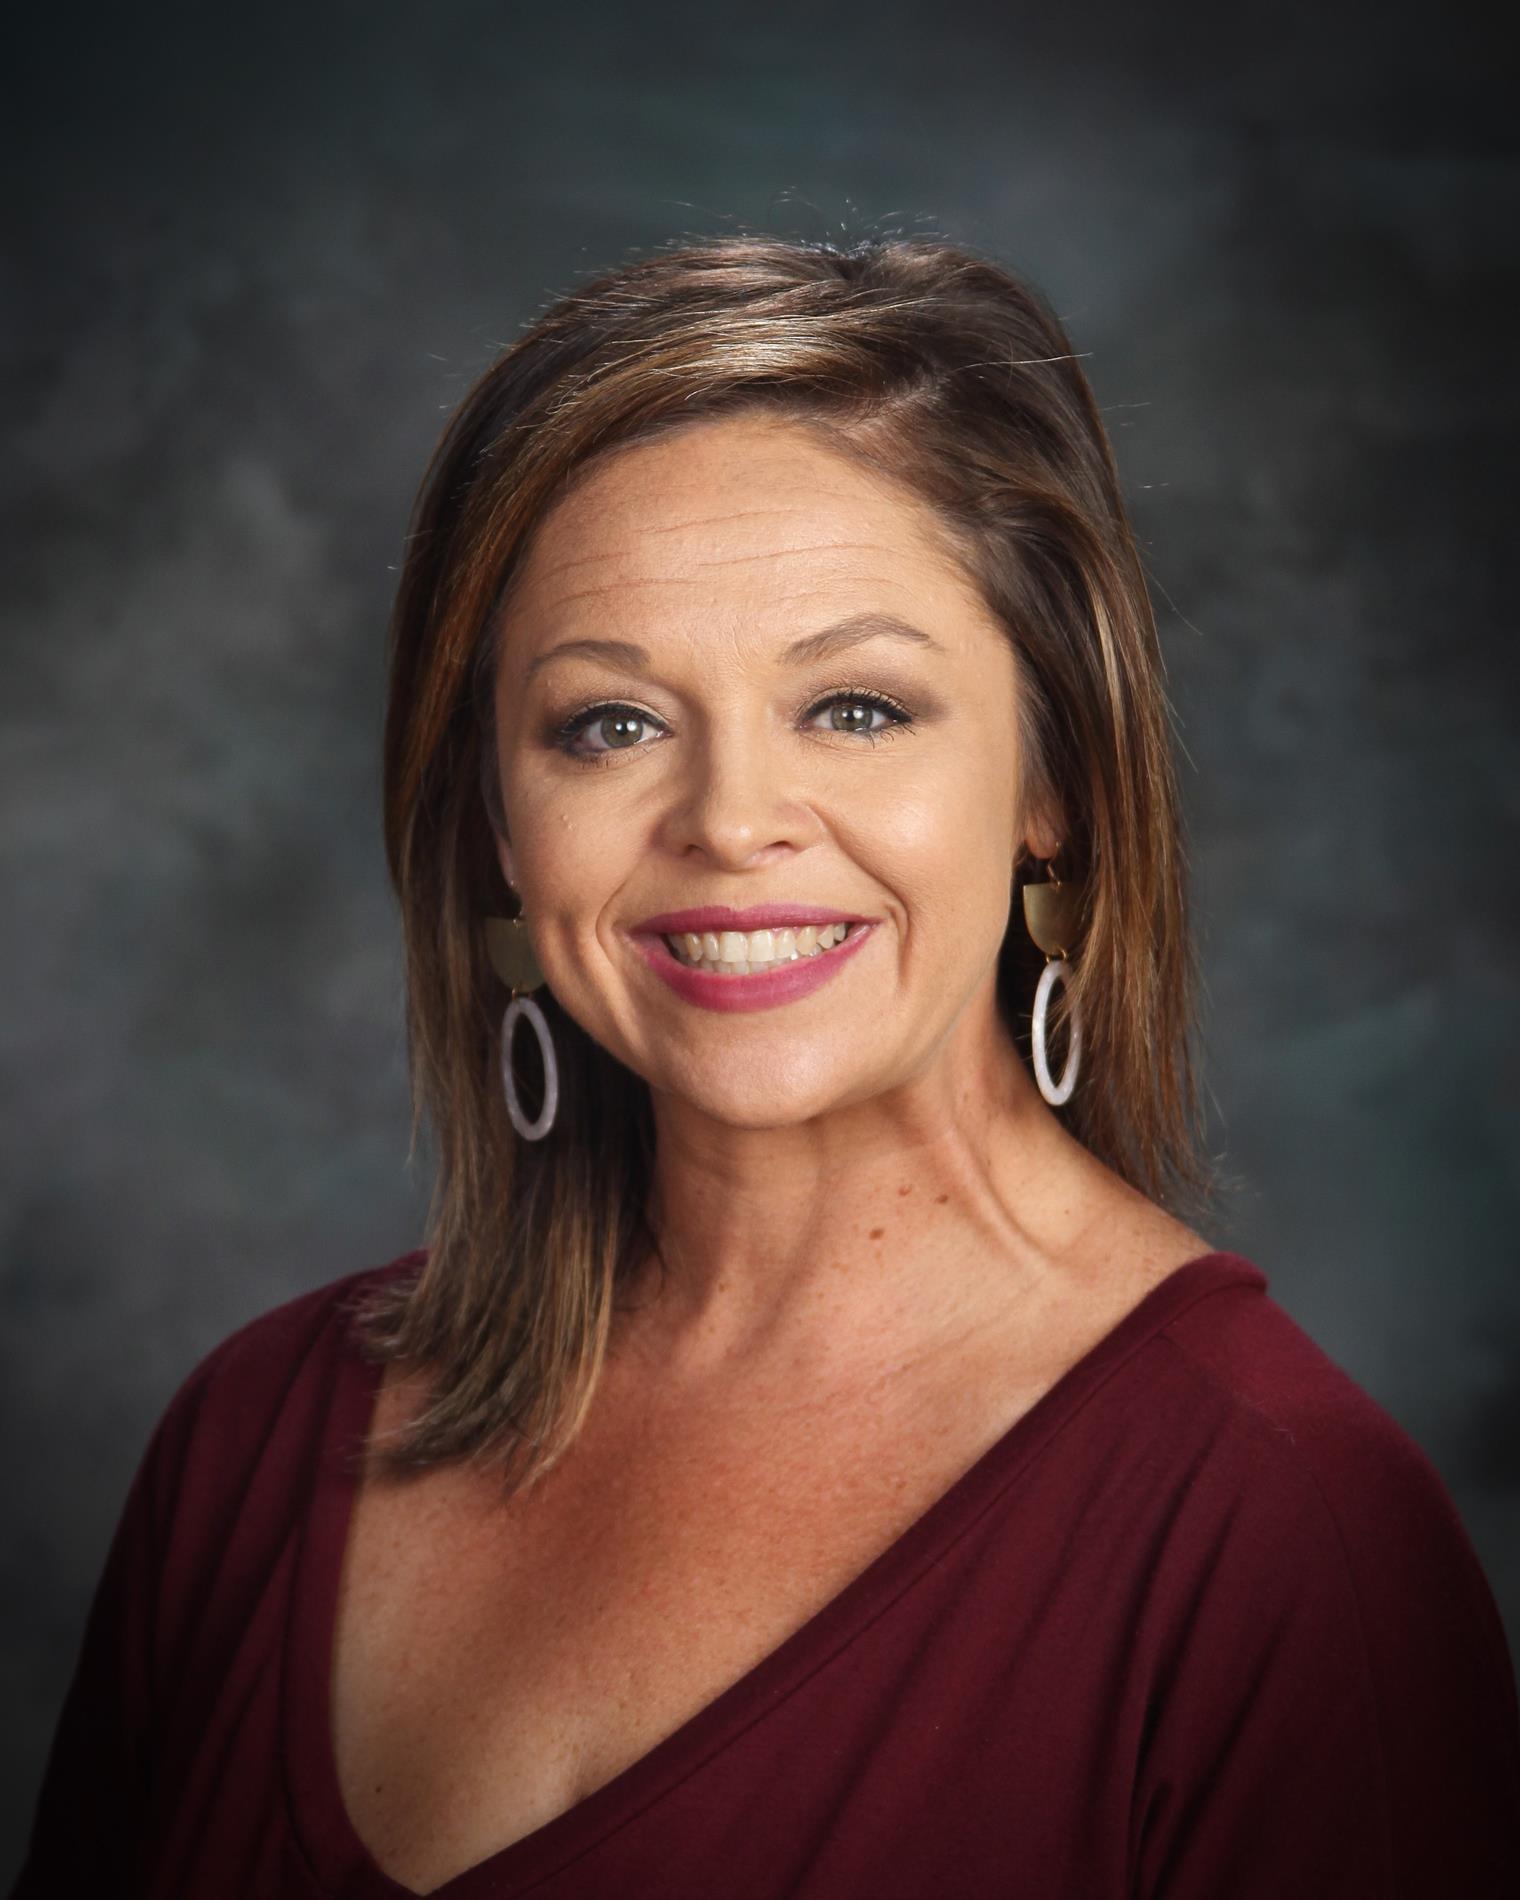 Mrs. Kylie Brown